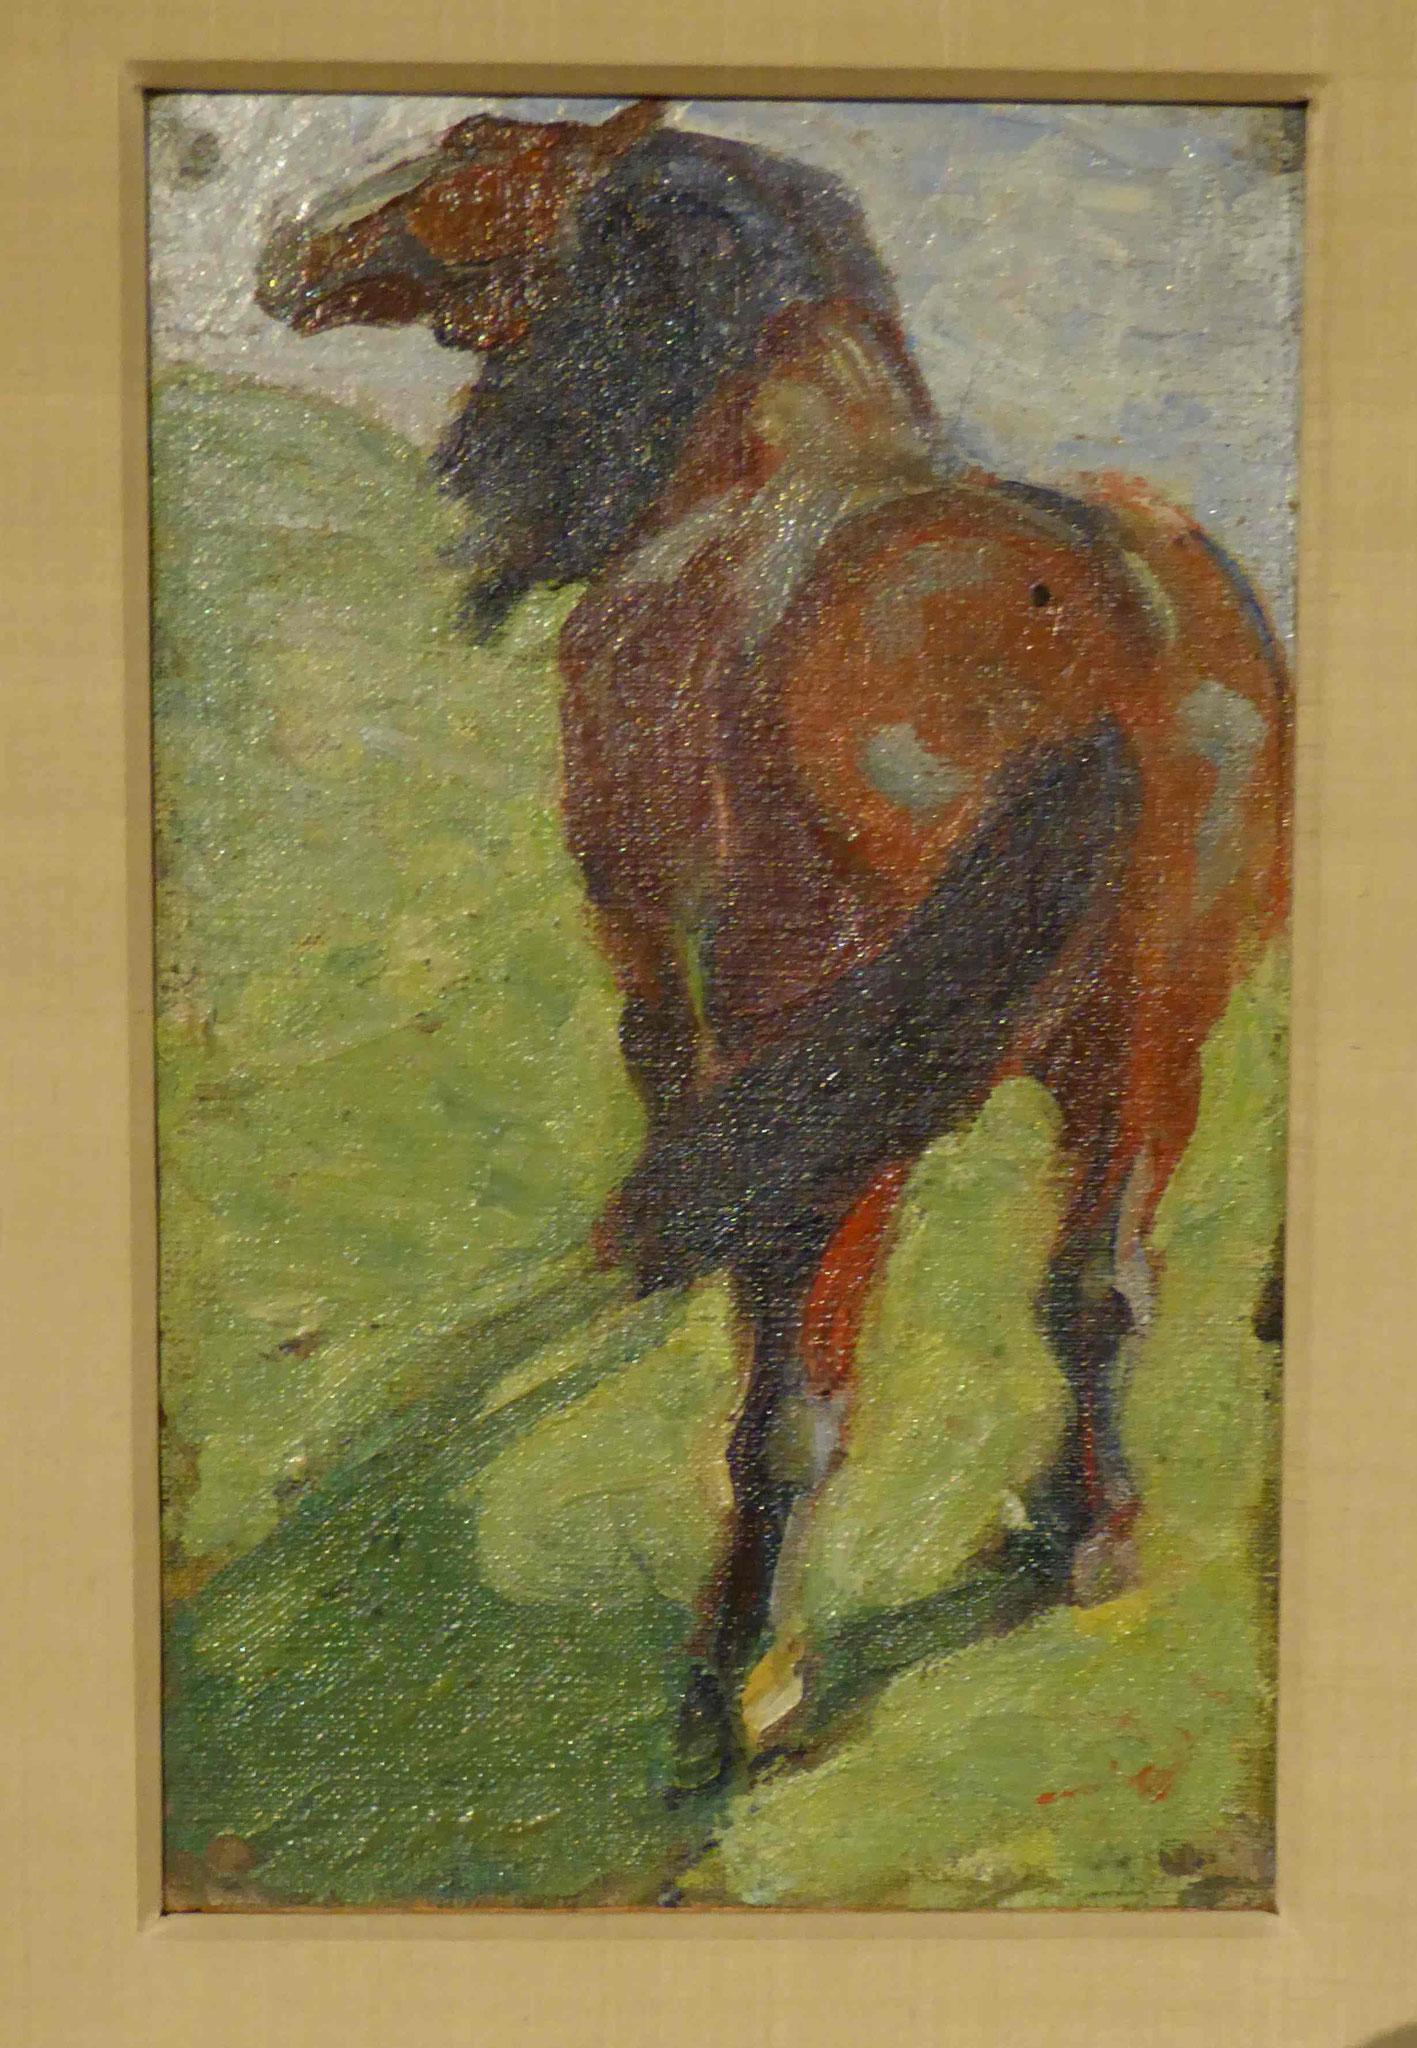 Franz Marc, Studie eines Pferdes, 1908/09, Museum Moritzburg, Halle